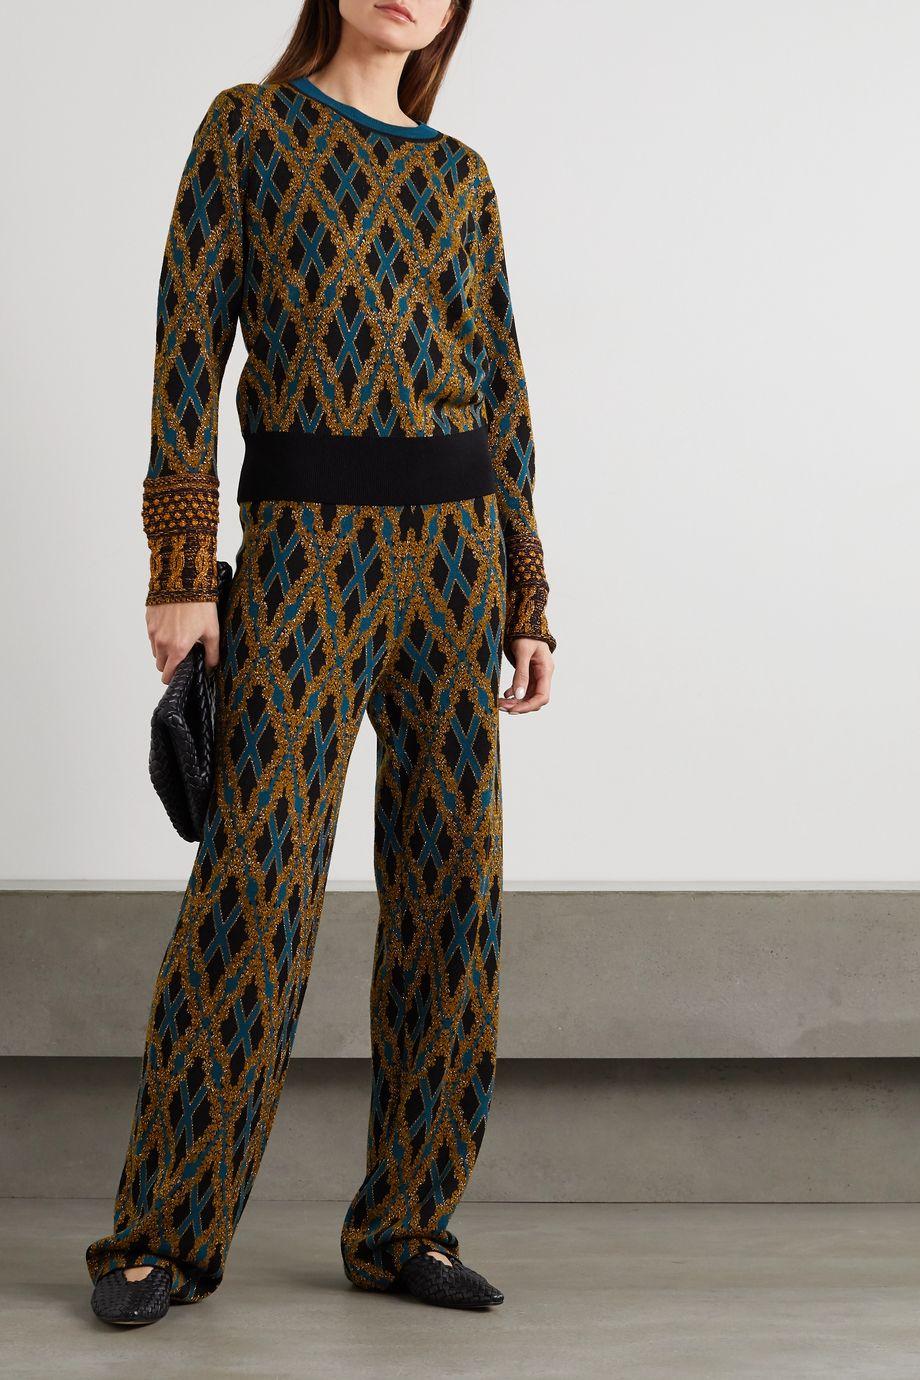 Dries Van Noten Hose mit geradem Bein aus einer Merinowollmischung mit Argyle-Muster in Metallic-Optik